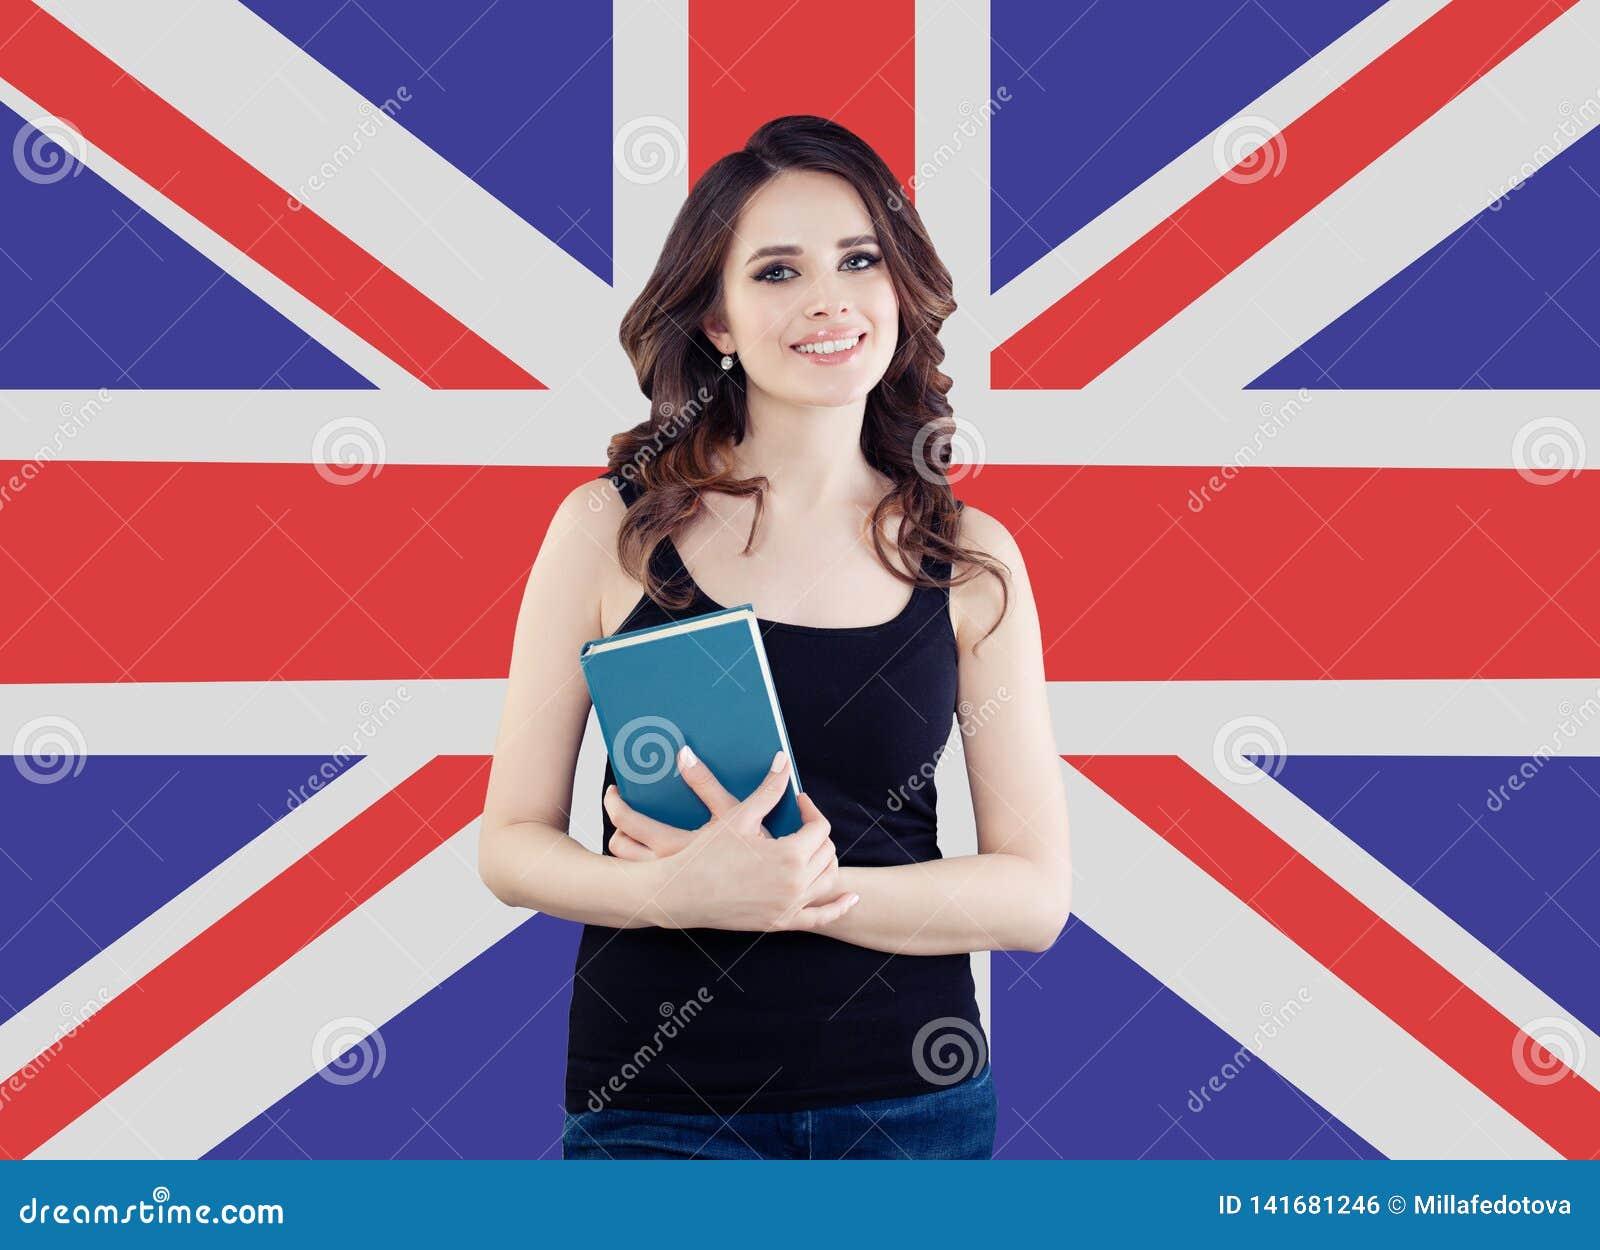 英国旗子背景的微笑的女孩 学会英语语言和旅行在英国的俏丽的快乐的妇女